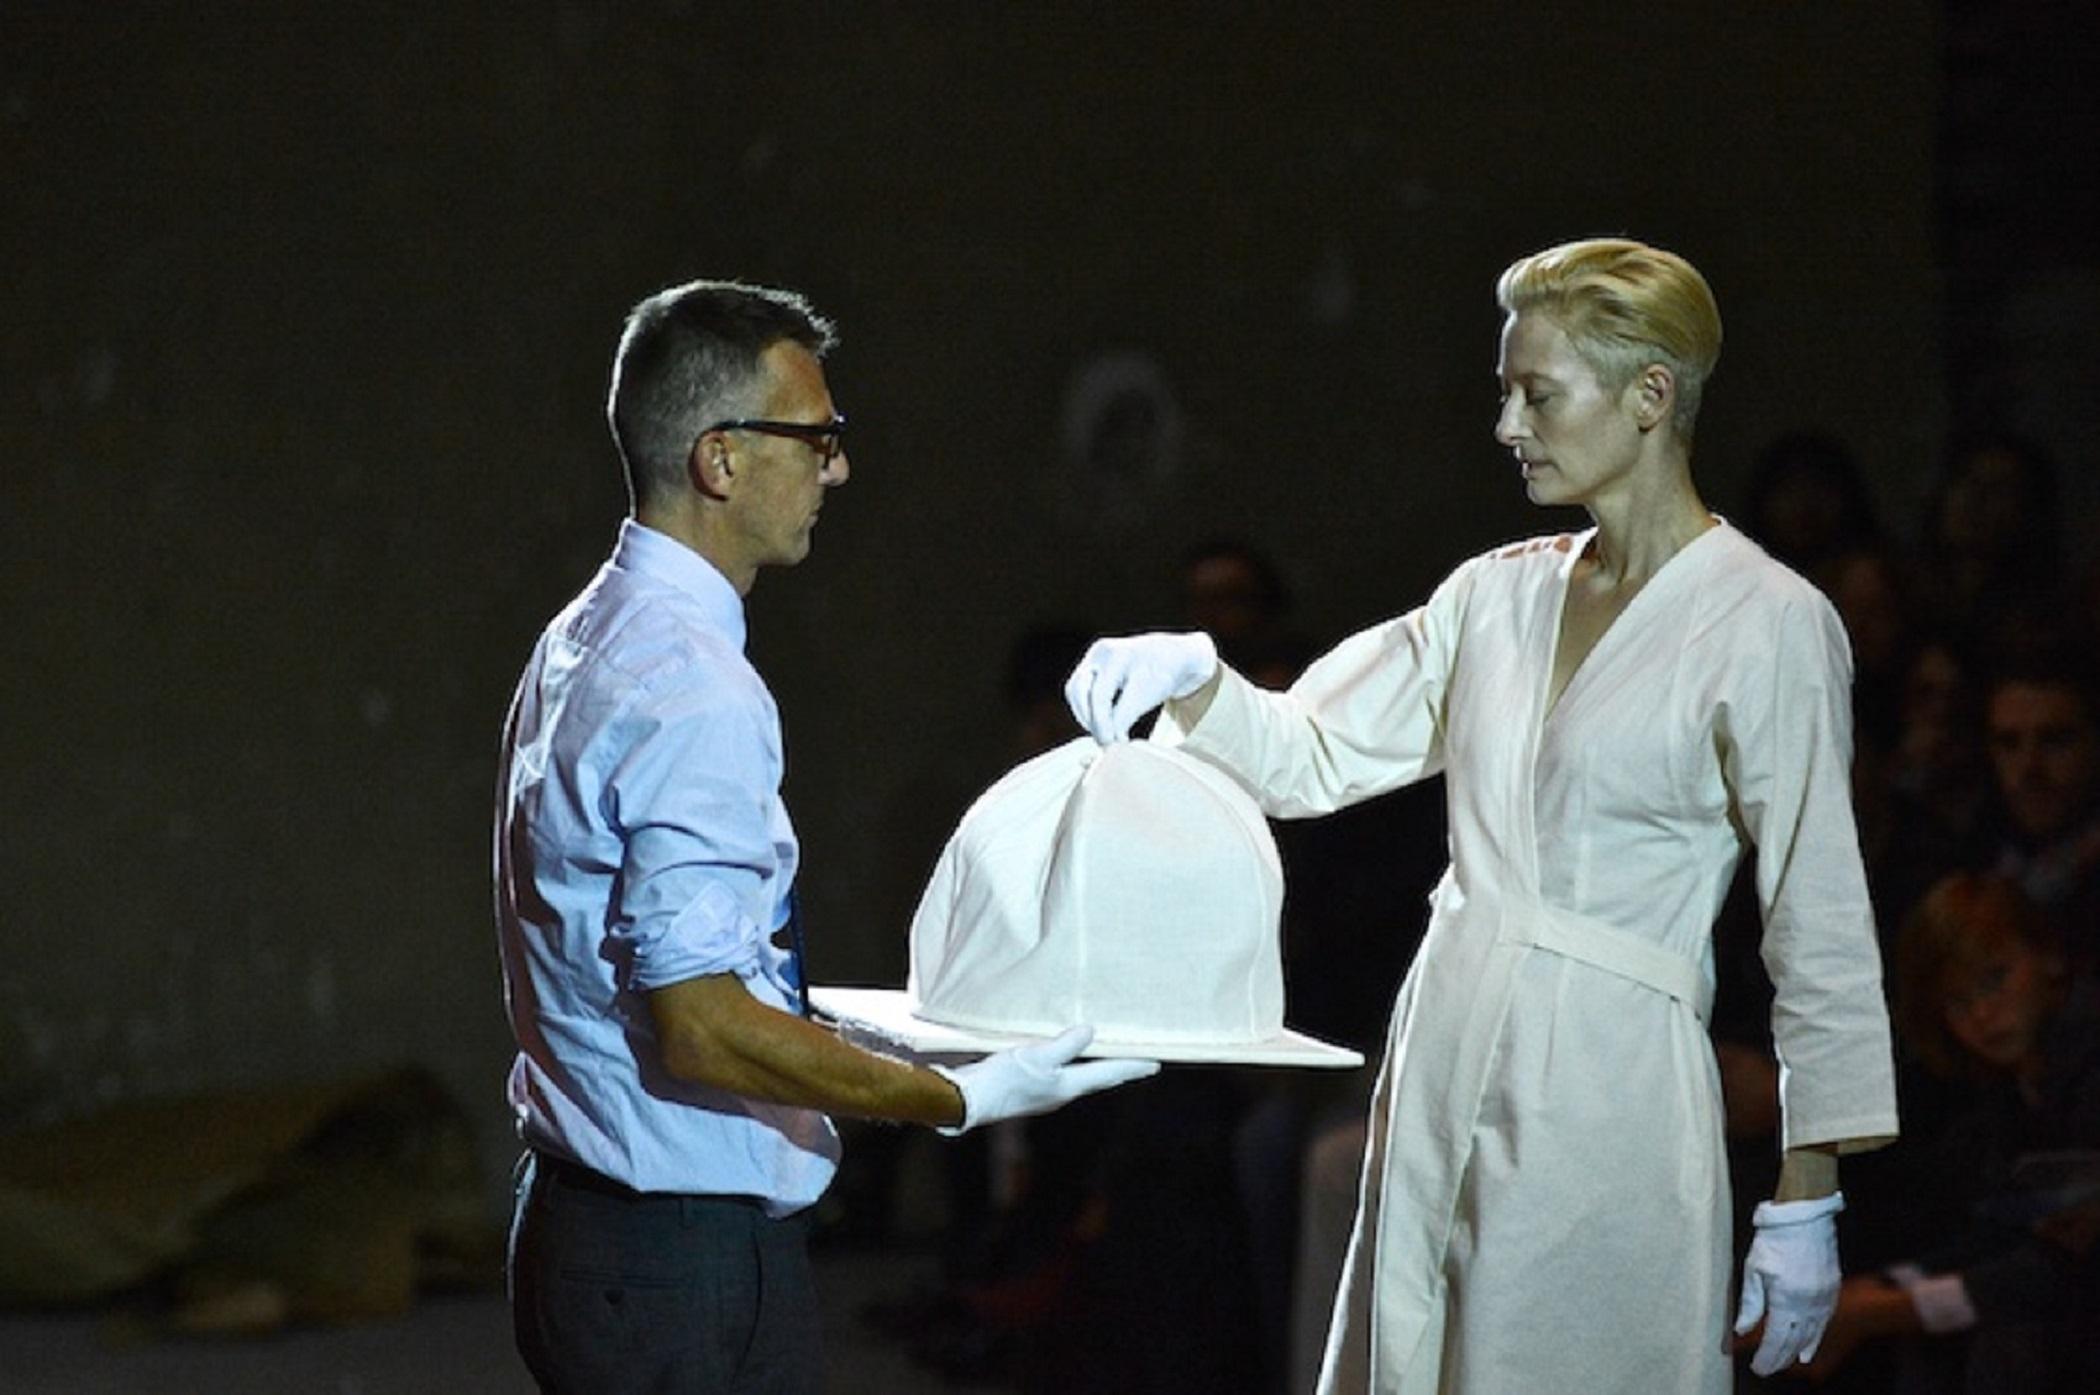 Tilda Swinton incontra Pasolini. Romaison, la mostra tra Moda, Cinema e Costume